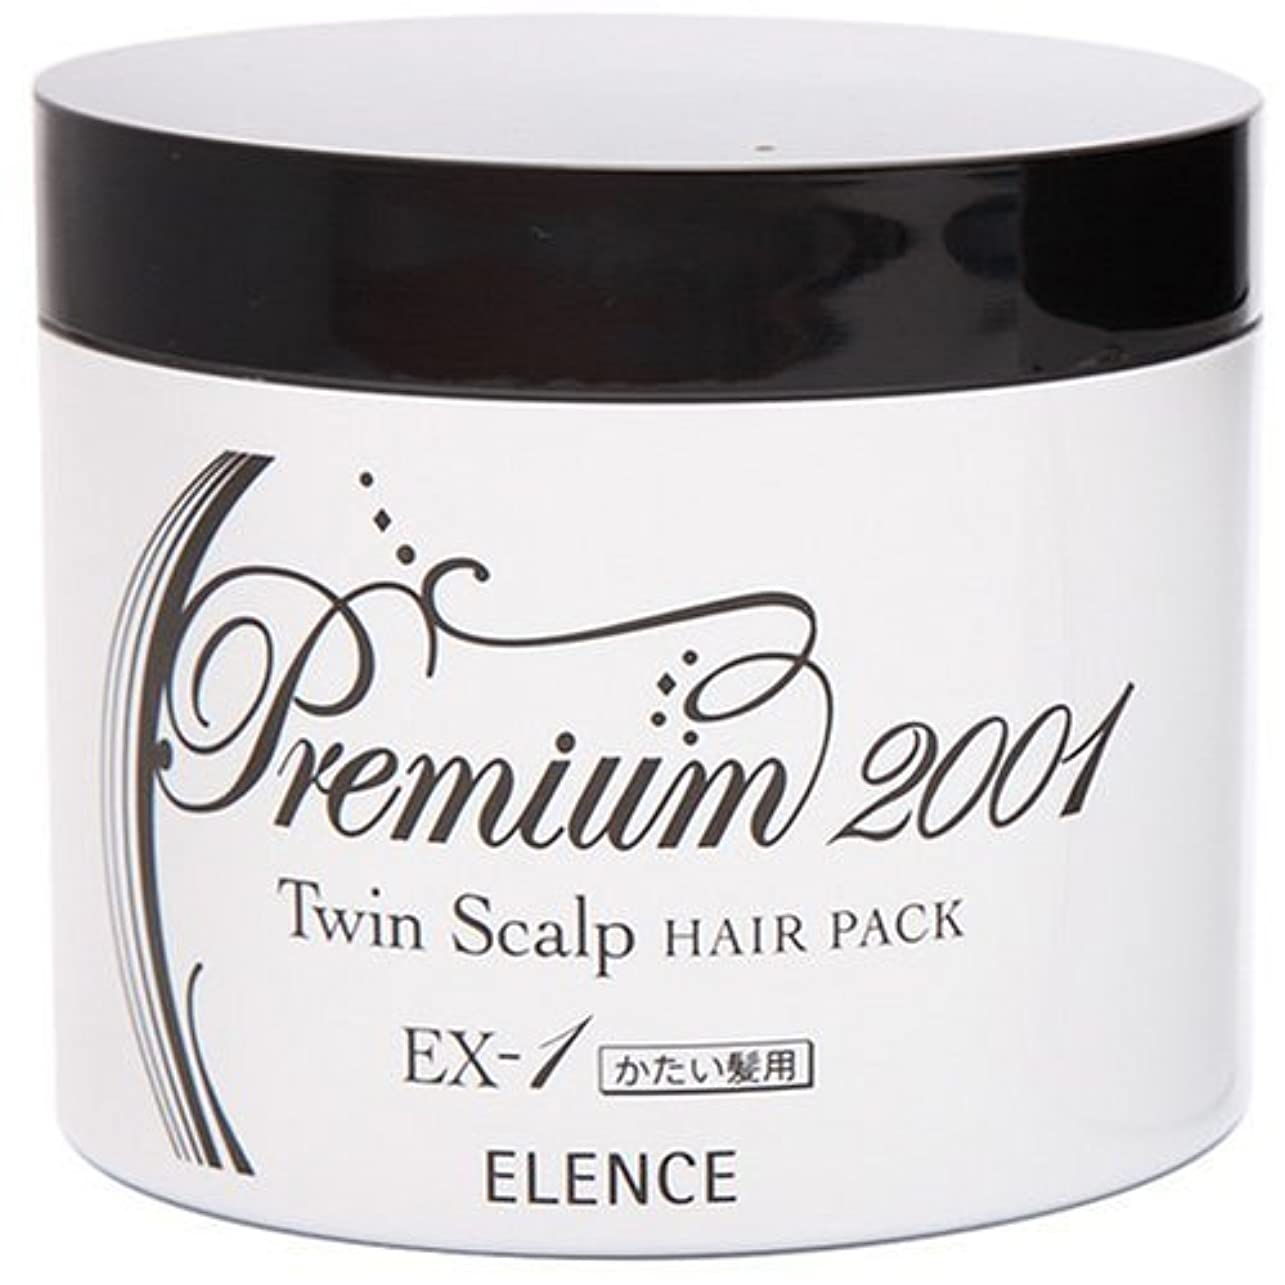 キリン暴露つかの間エレンス2001 ツインスキャルプヘアパックEX-1(かたい髪用)